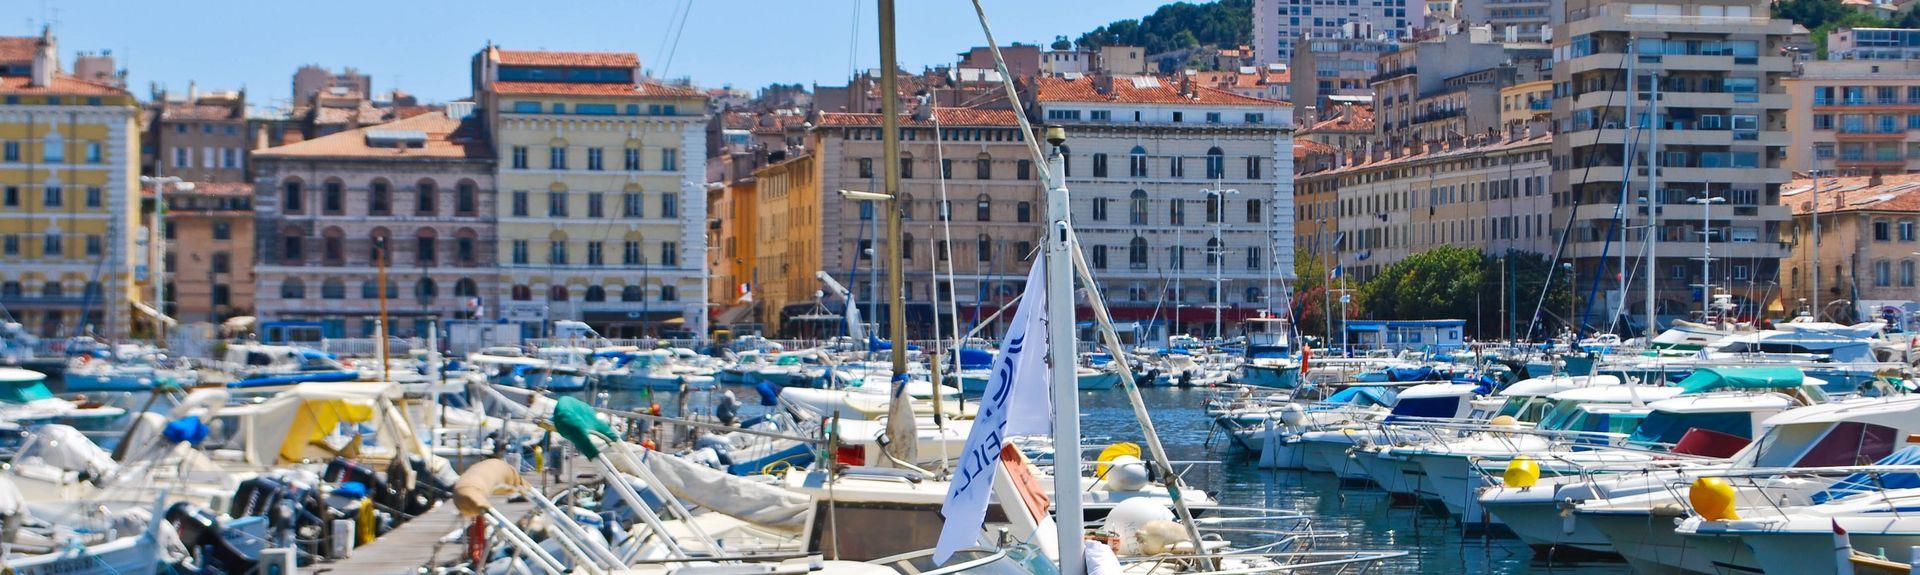 Noailles, Marseille, Provence-Alpes-Côte d'Azur, França